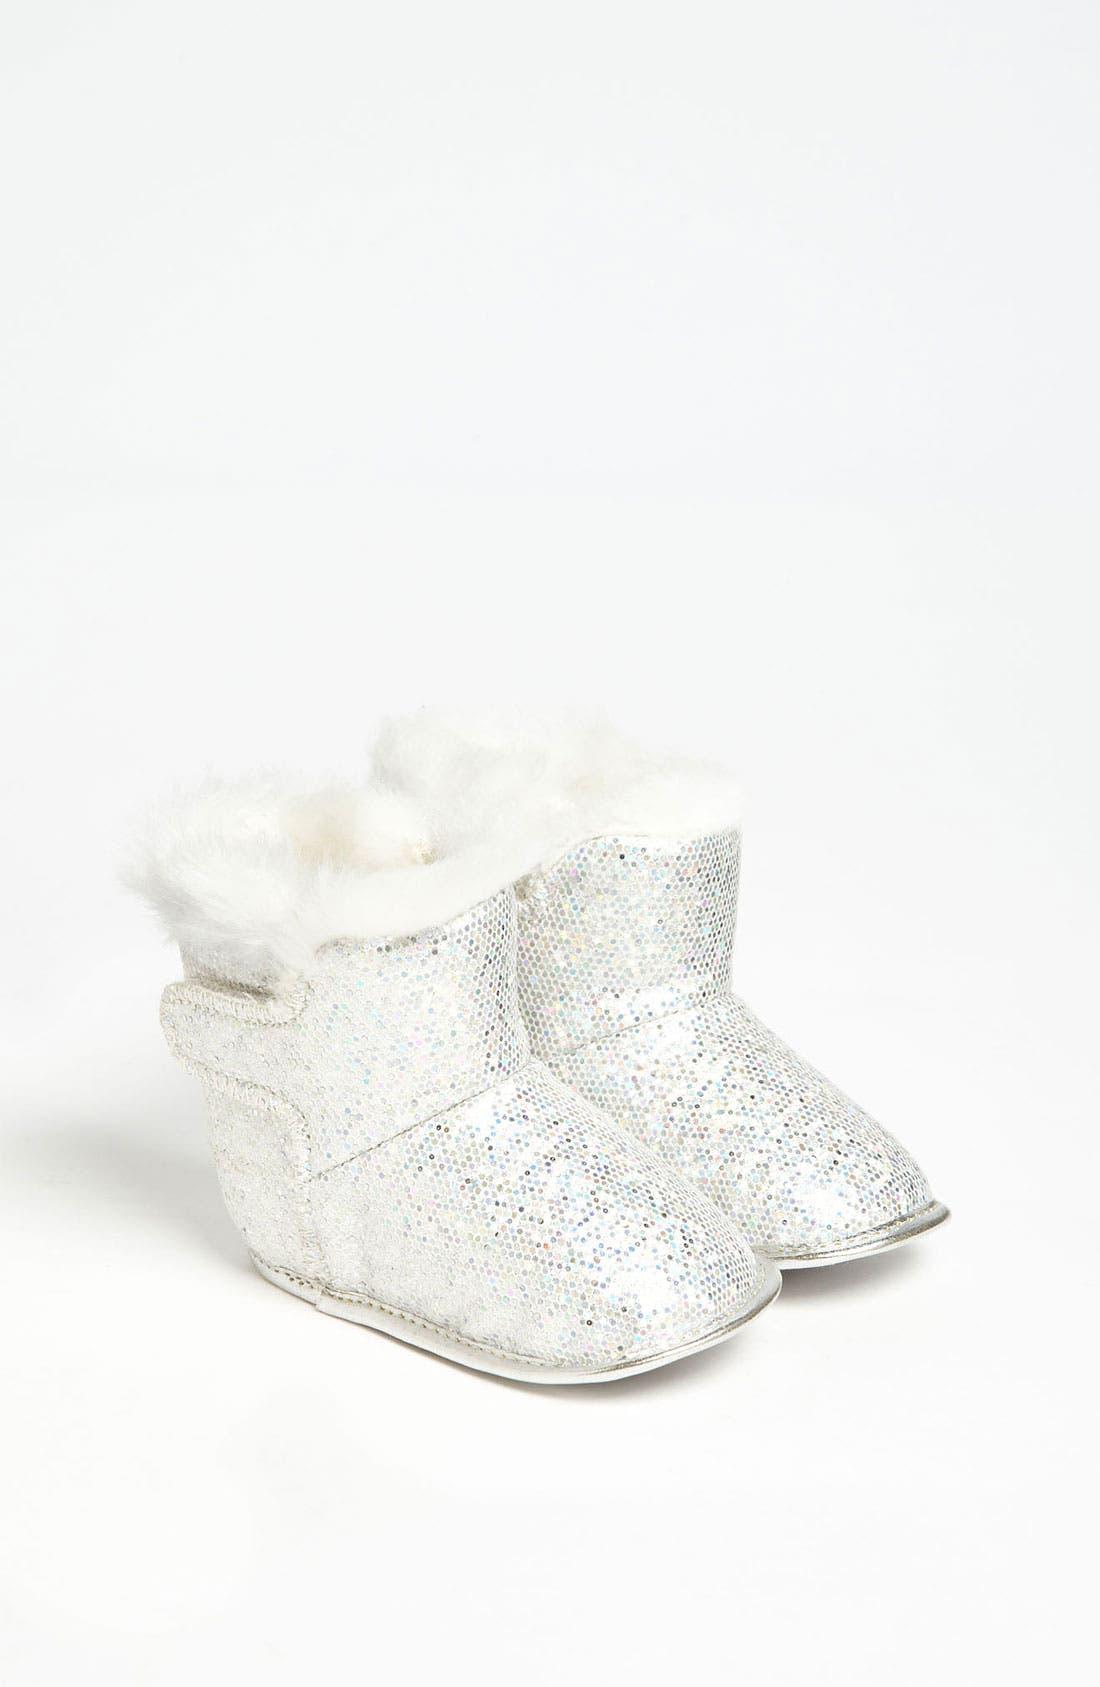 Main Image - Stuart Weitzman 'Baby Snow' Bootie (Baby)